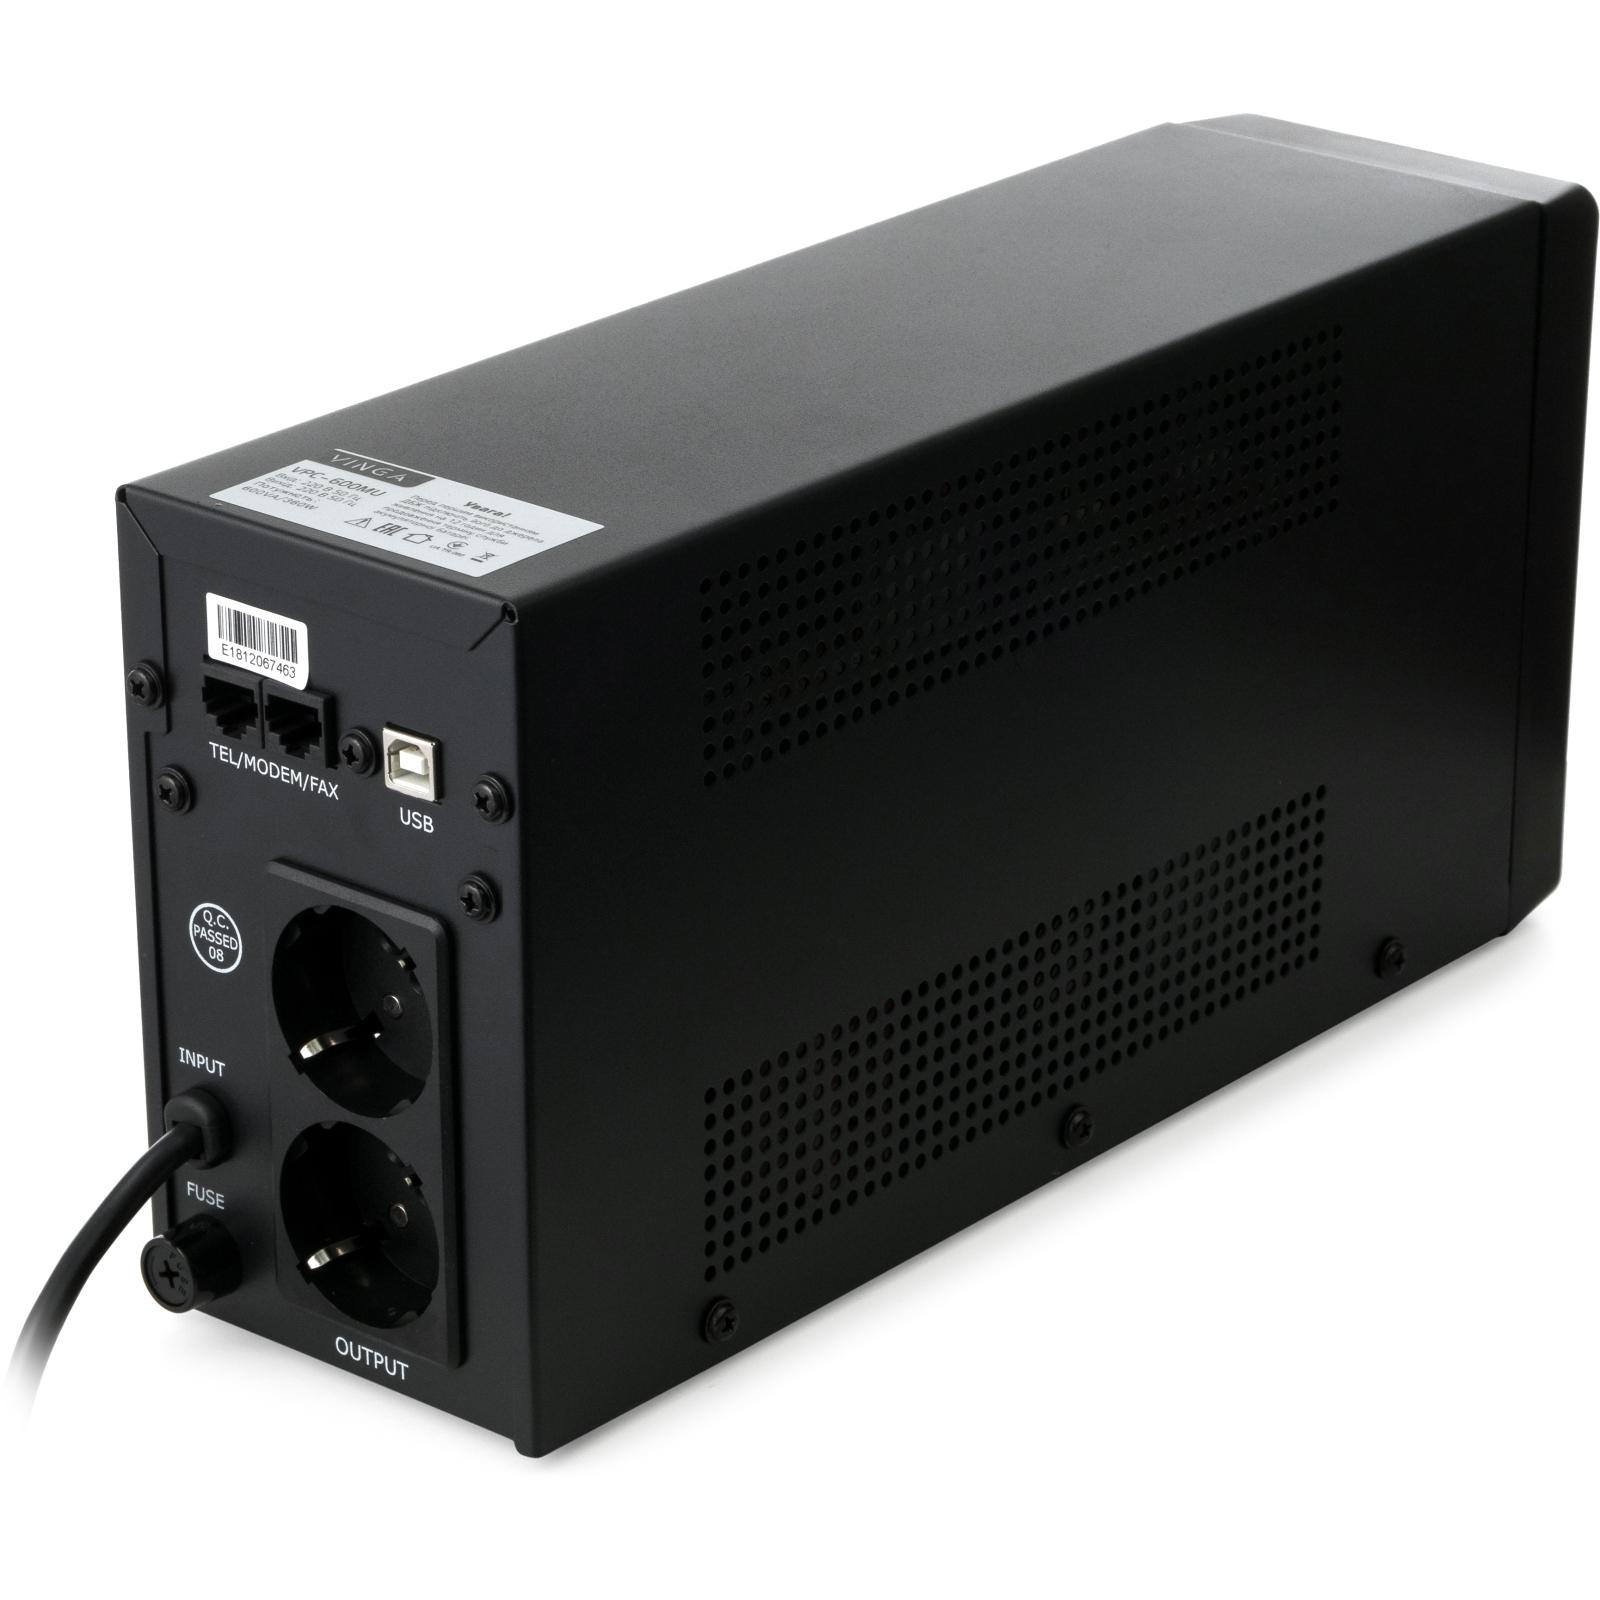 Источник бесперебойного питания Vinga LCD 600VA metal case with USB (VPC-600MU) изображение 6